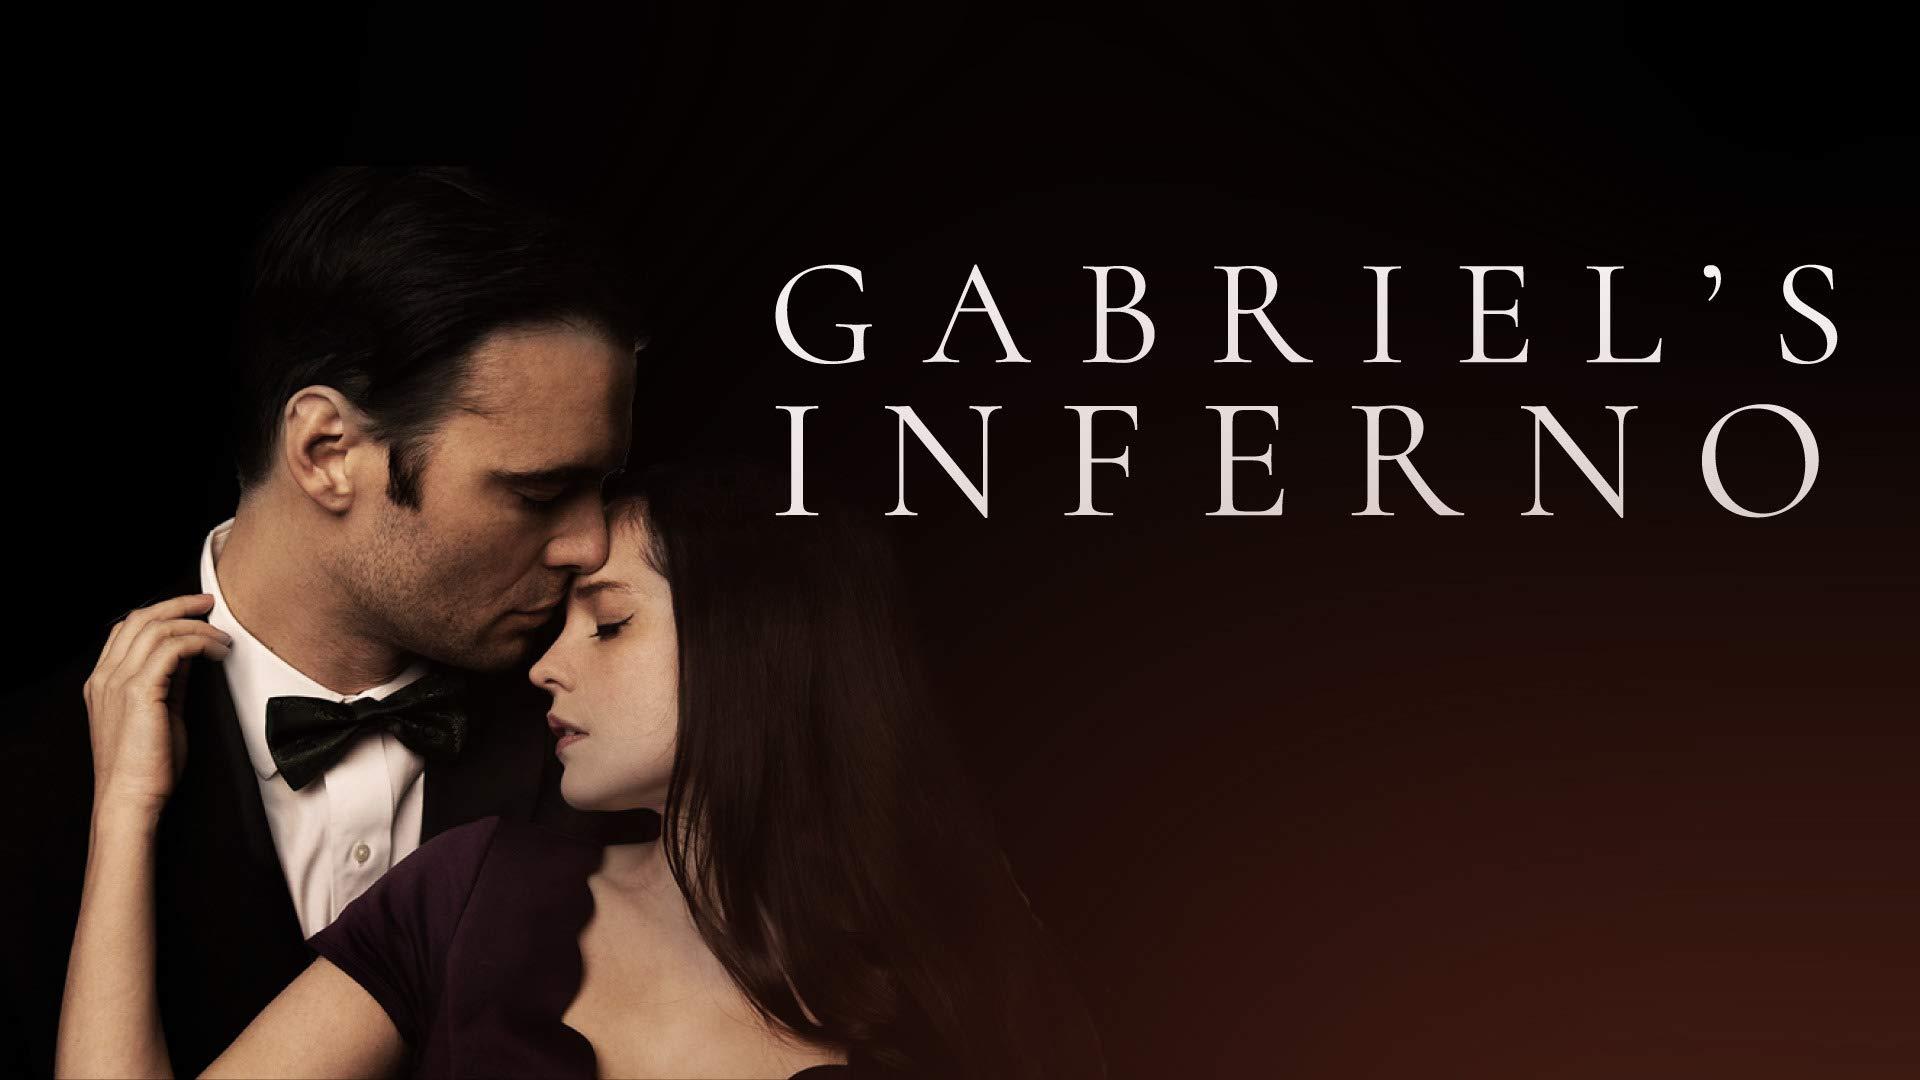 Gabriel's Inferno  ⤷